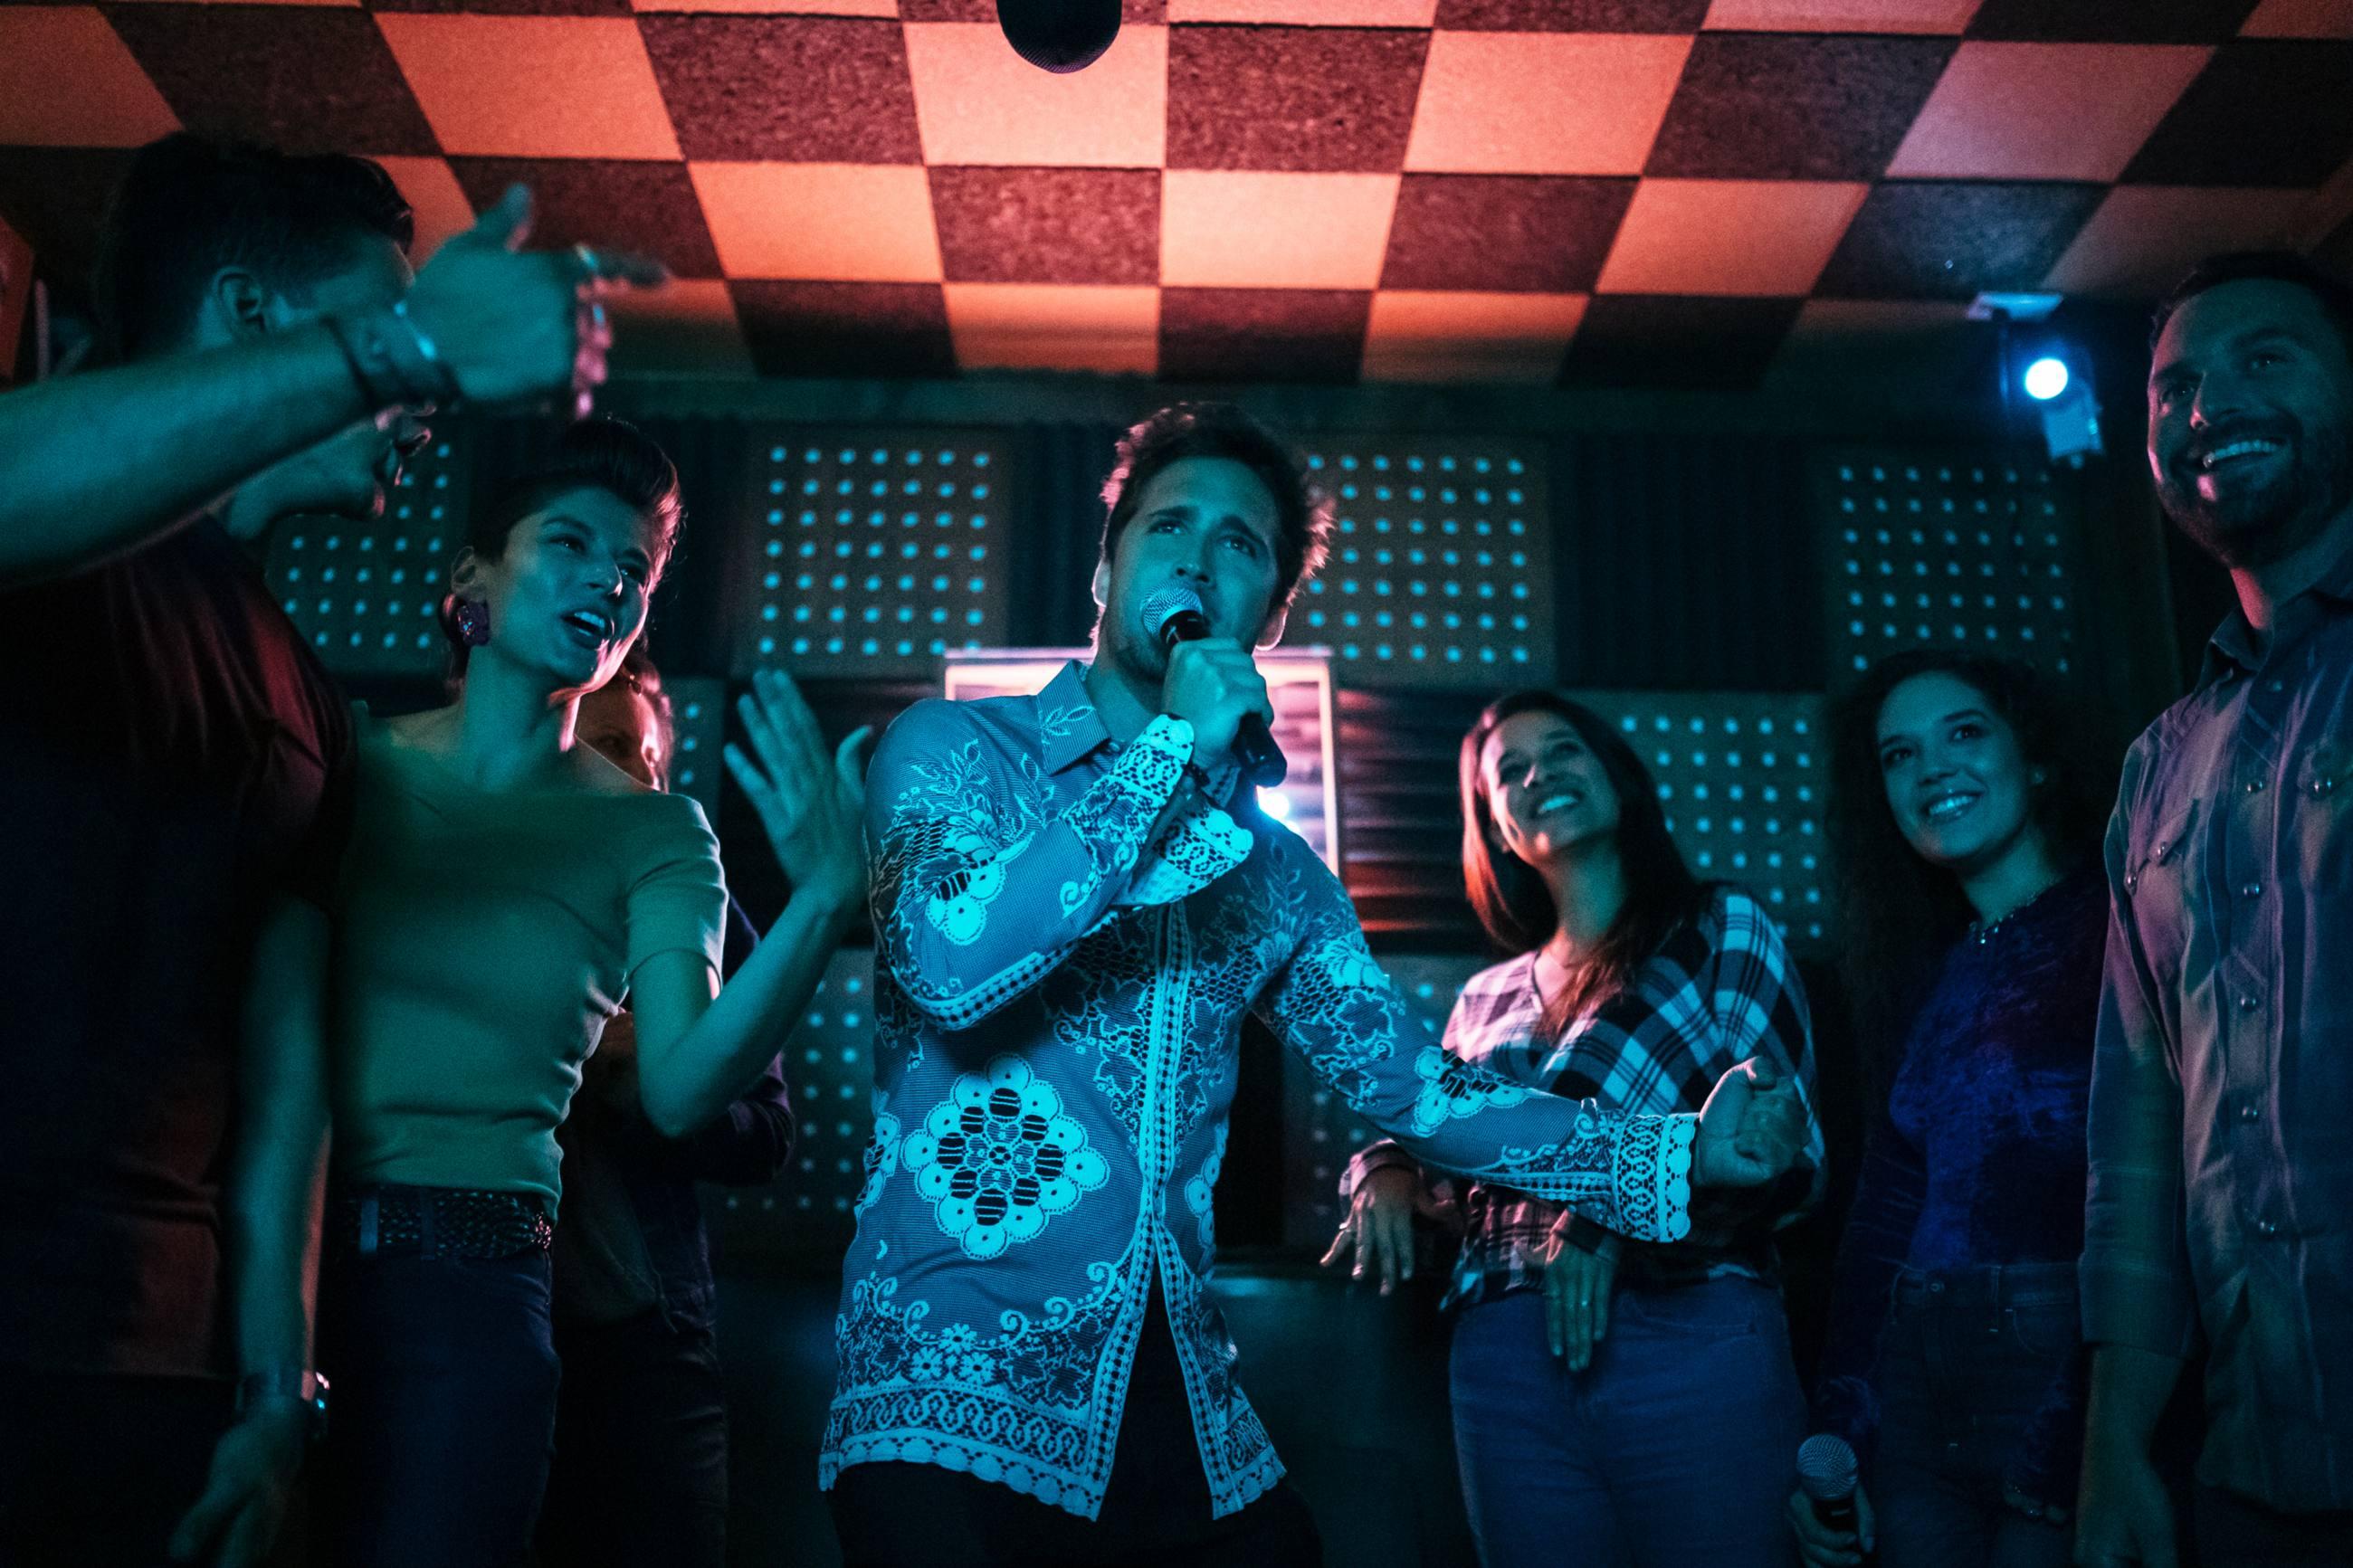 Diego Boneta de fiesta con amigos en el Break Room 86